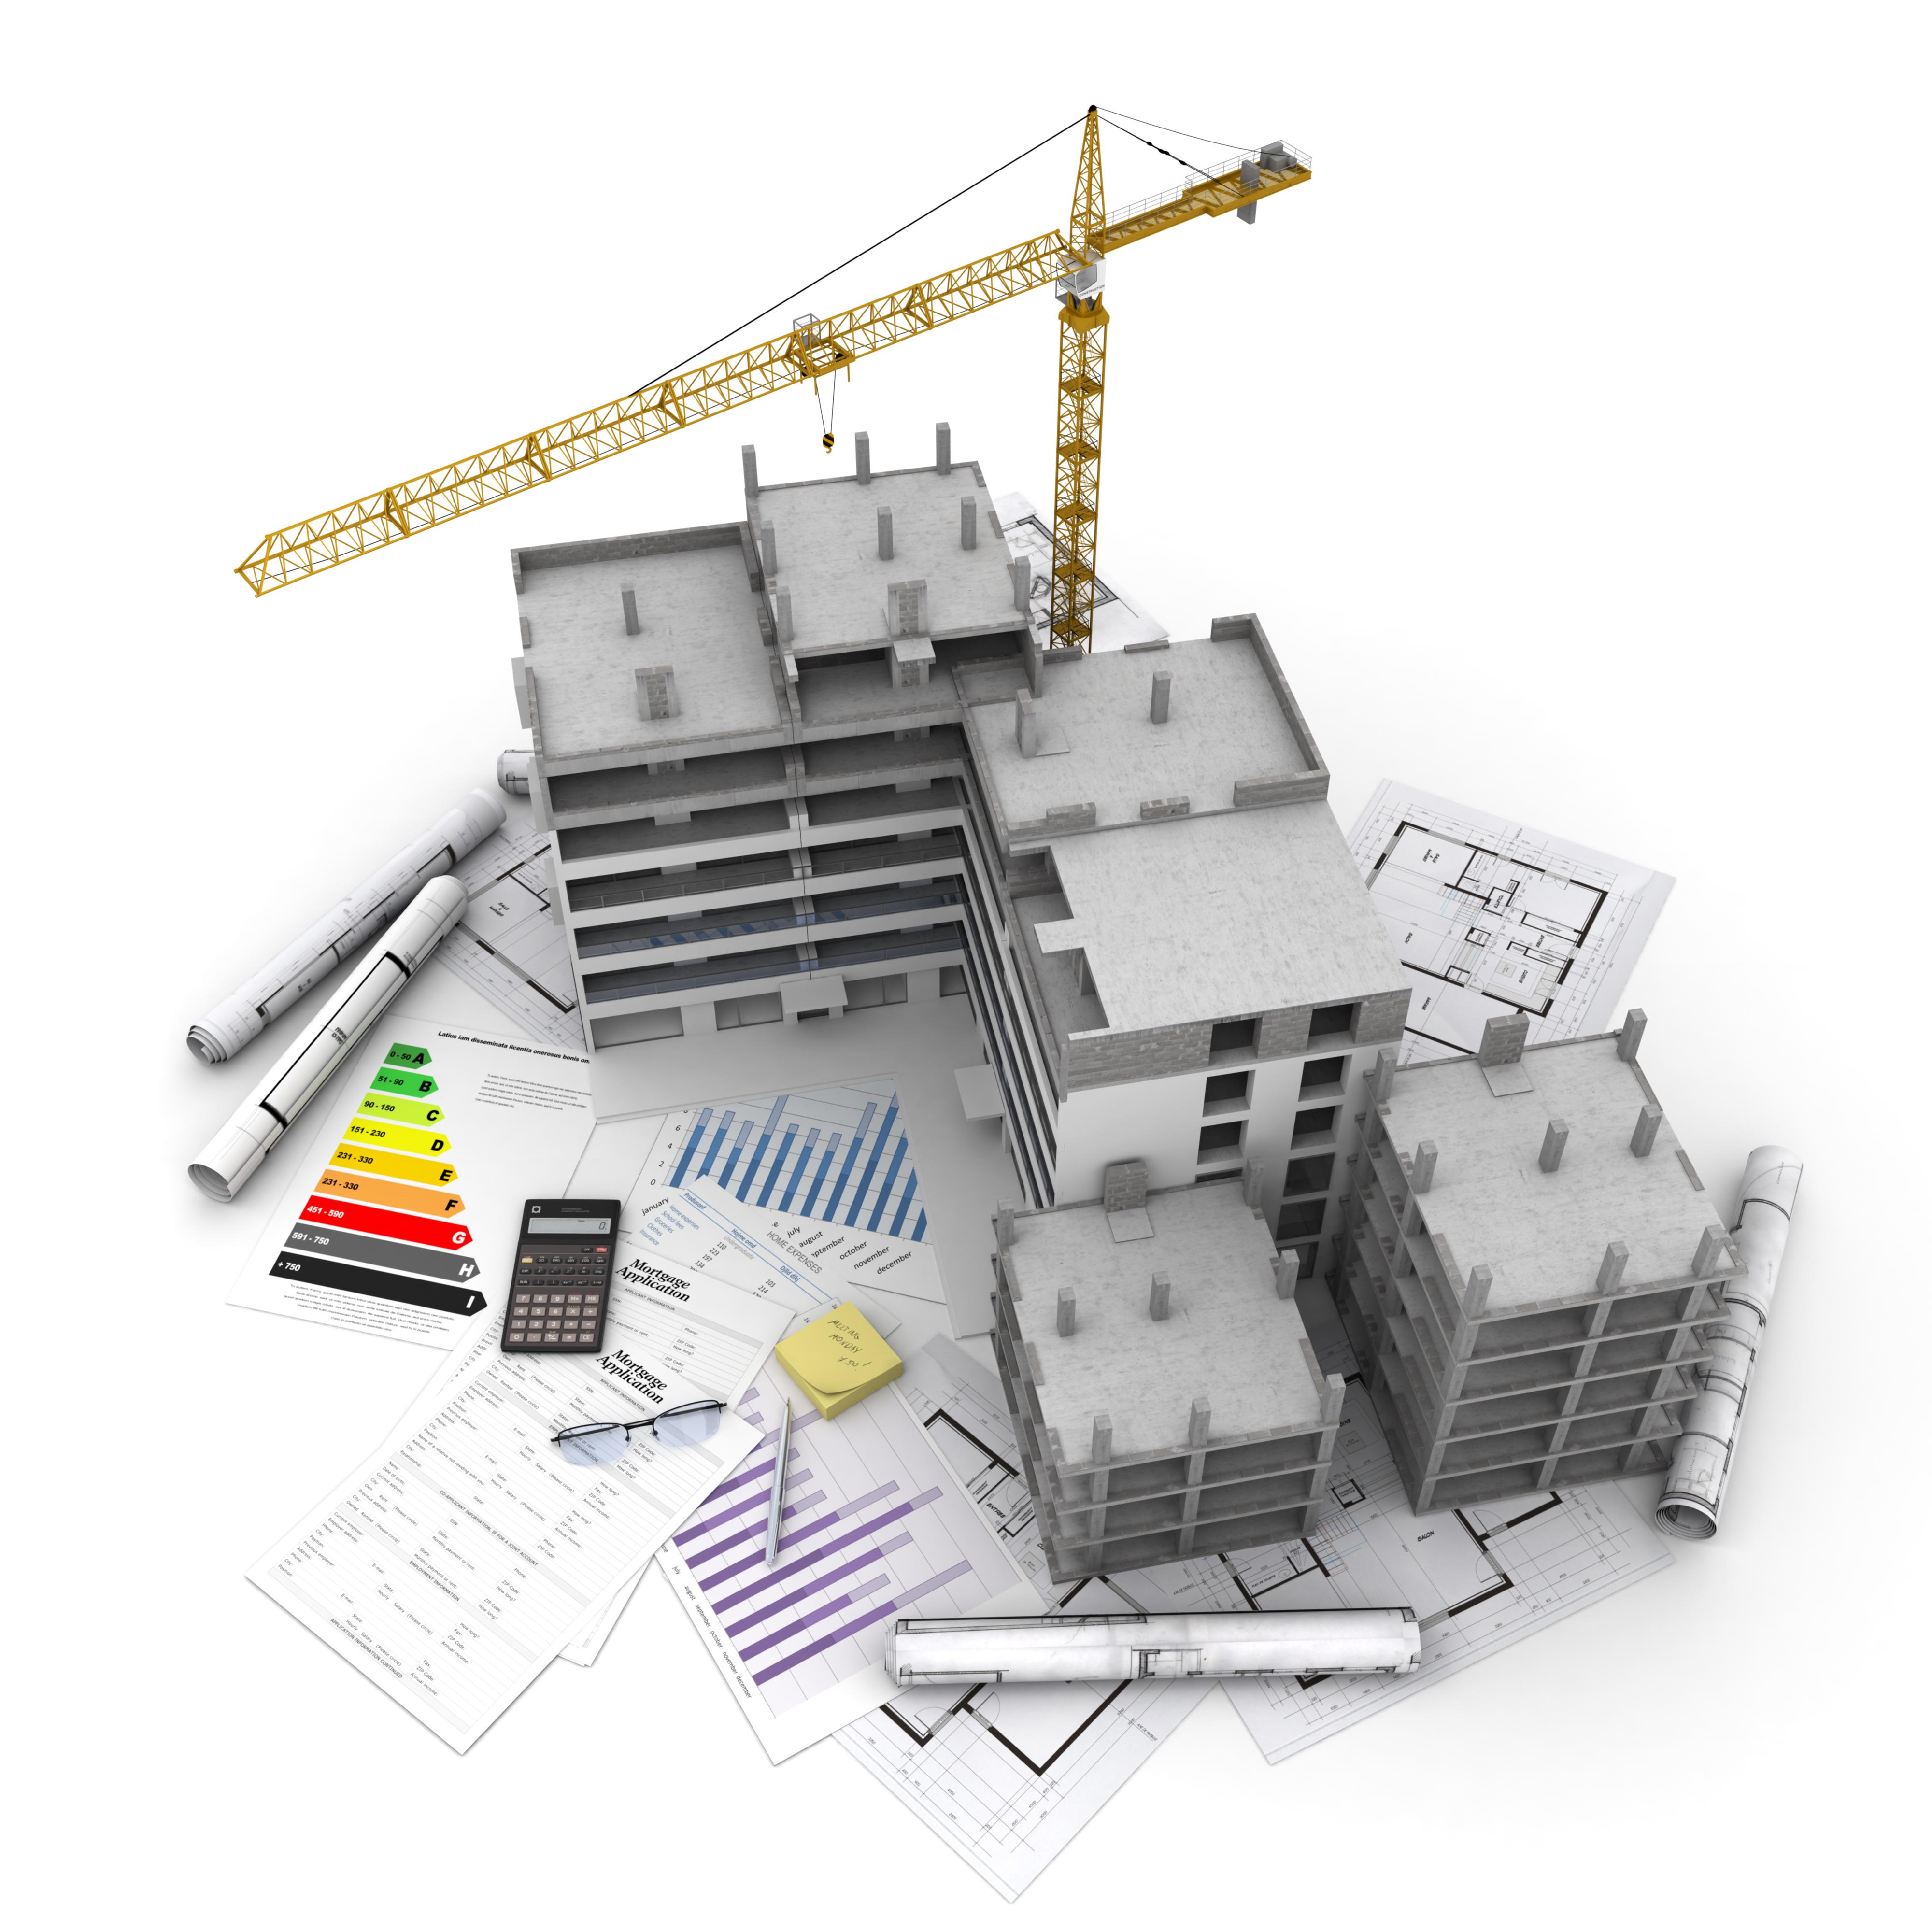 ¿De qué manera afecta la entrada en vigor de la nueva directiva de ascensores?